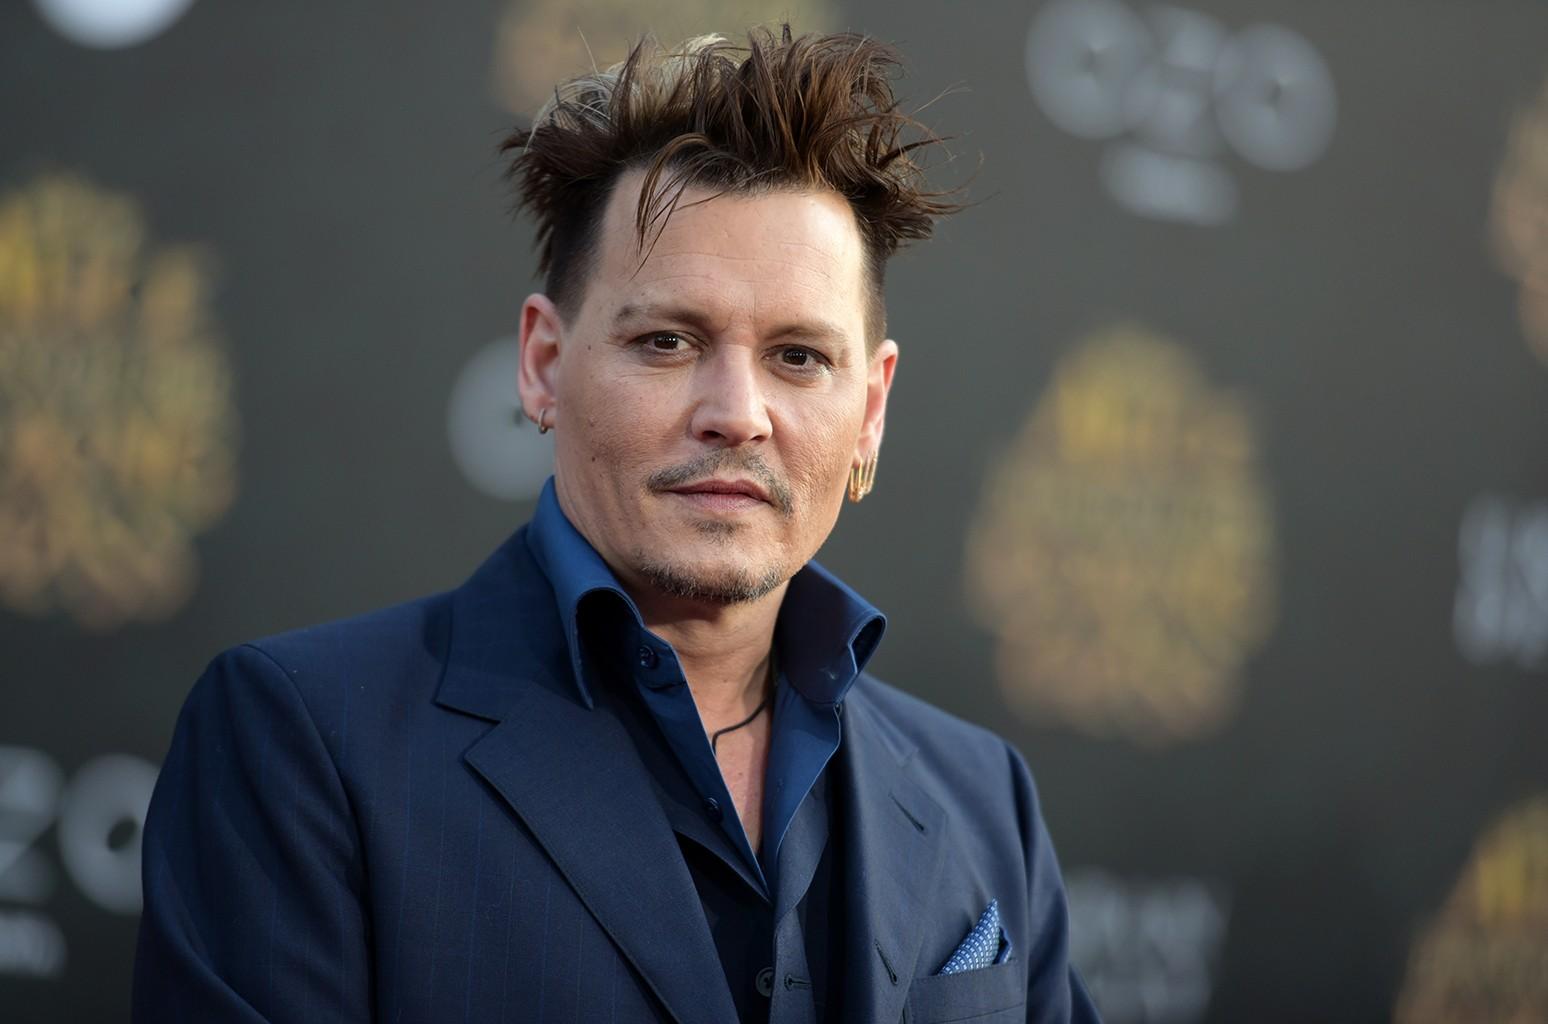 Johnny Depp in 2016